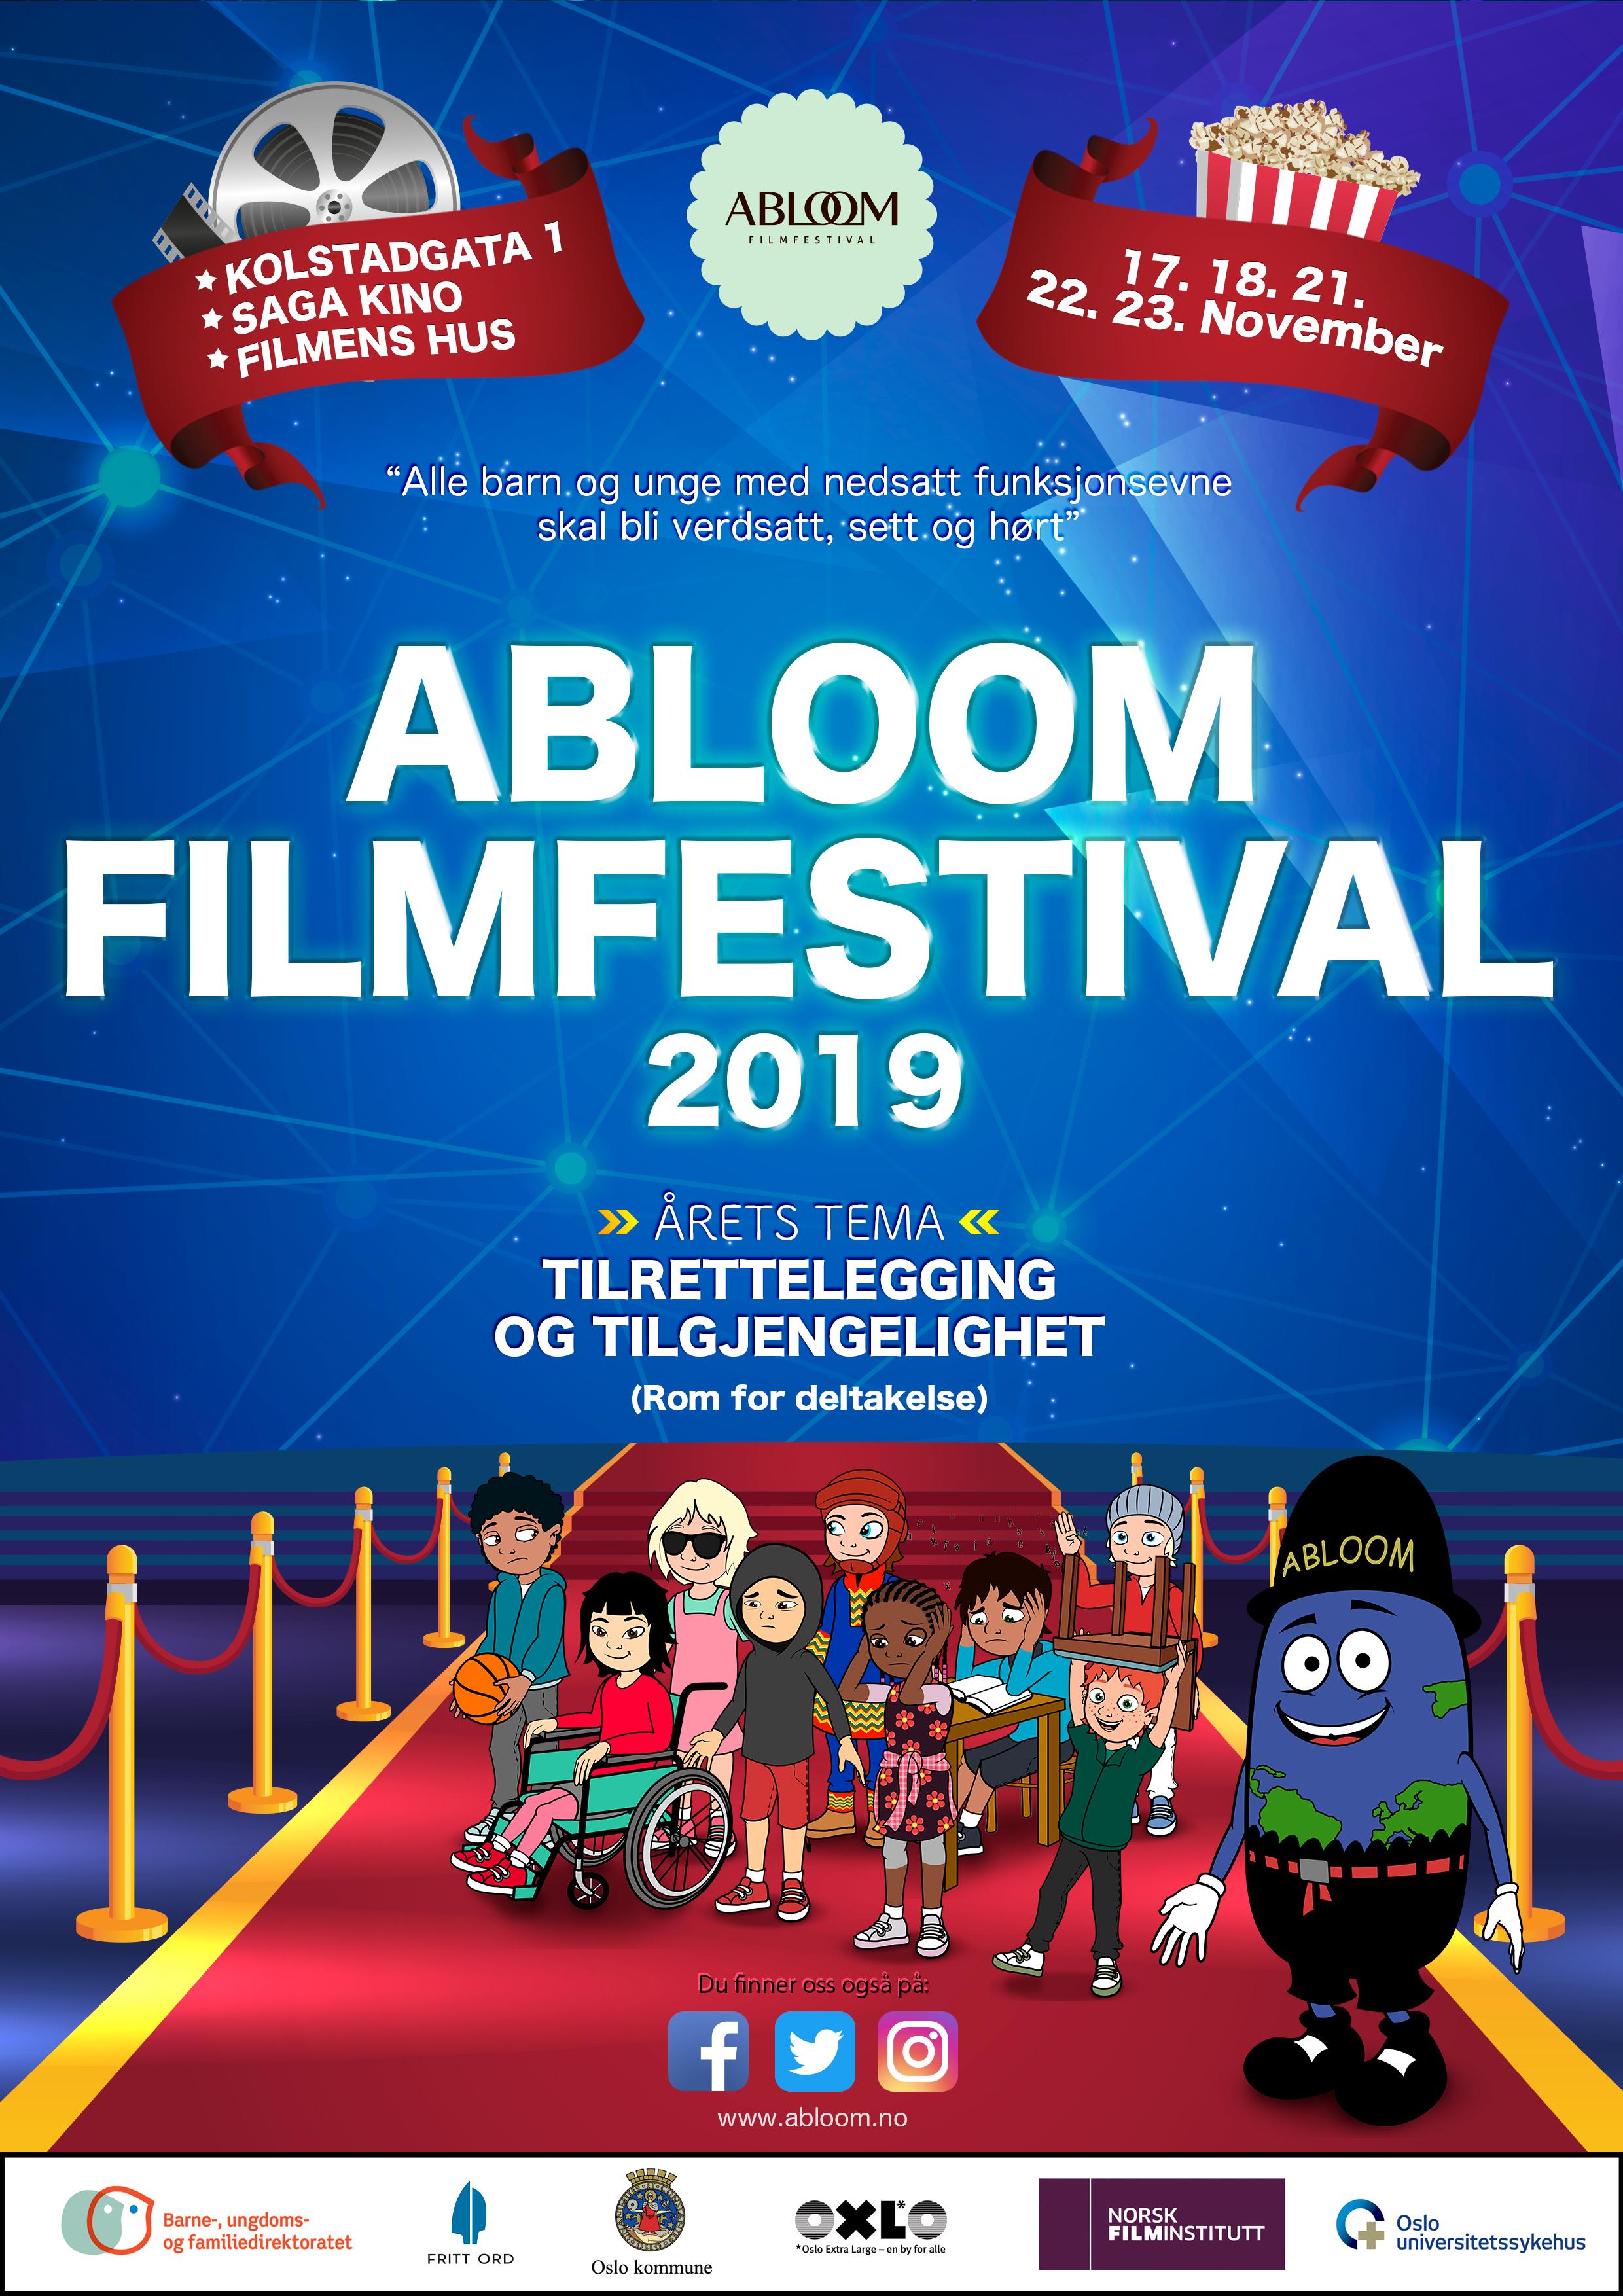 Plakat for Abloom Filmfestival 2019.